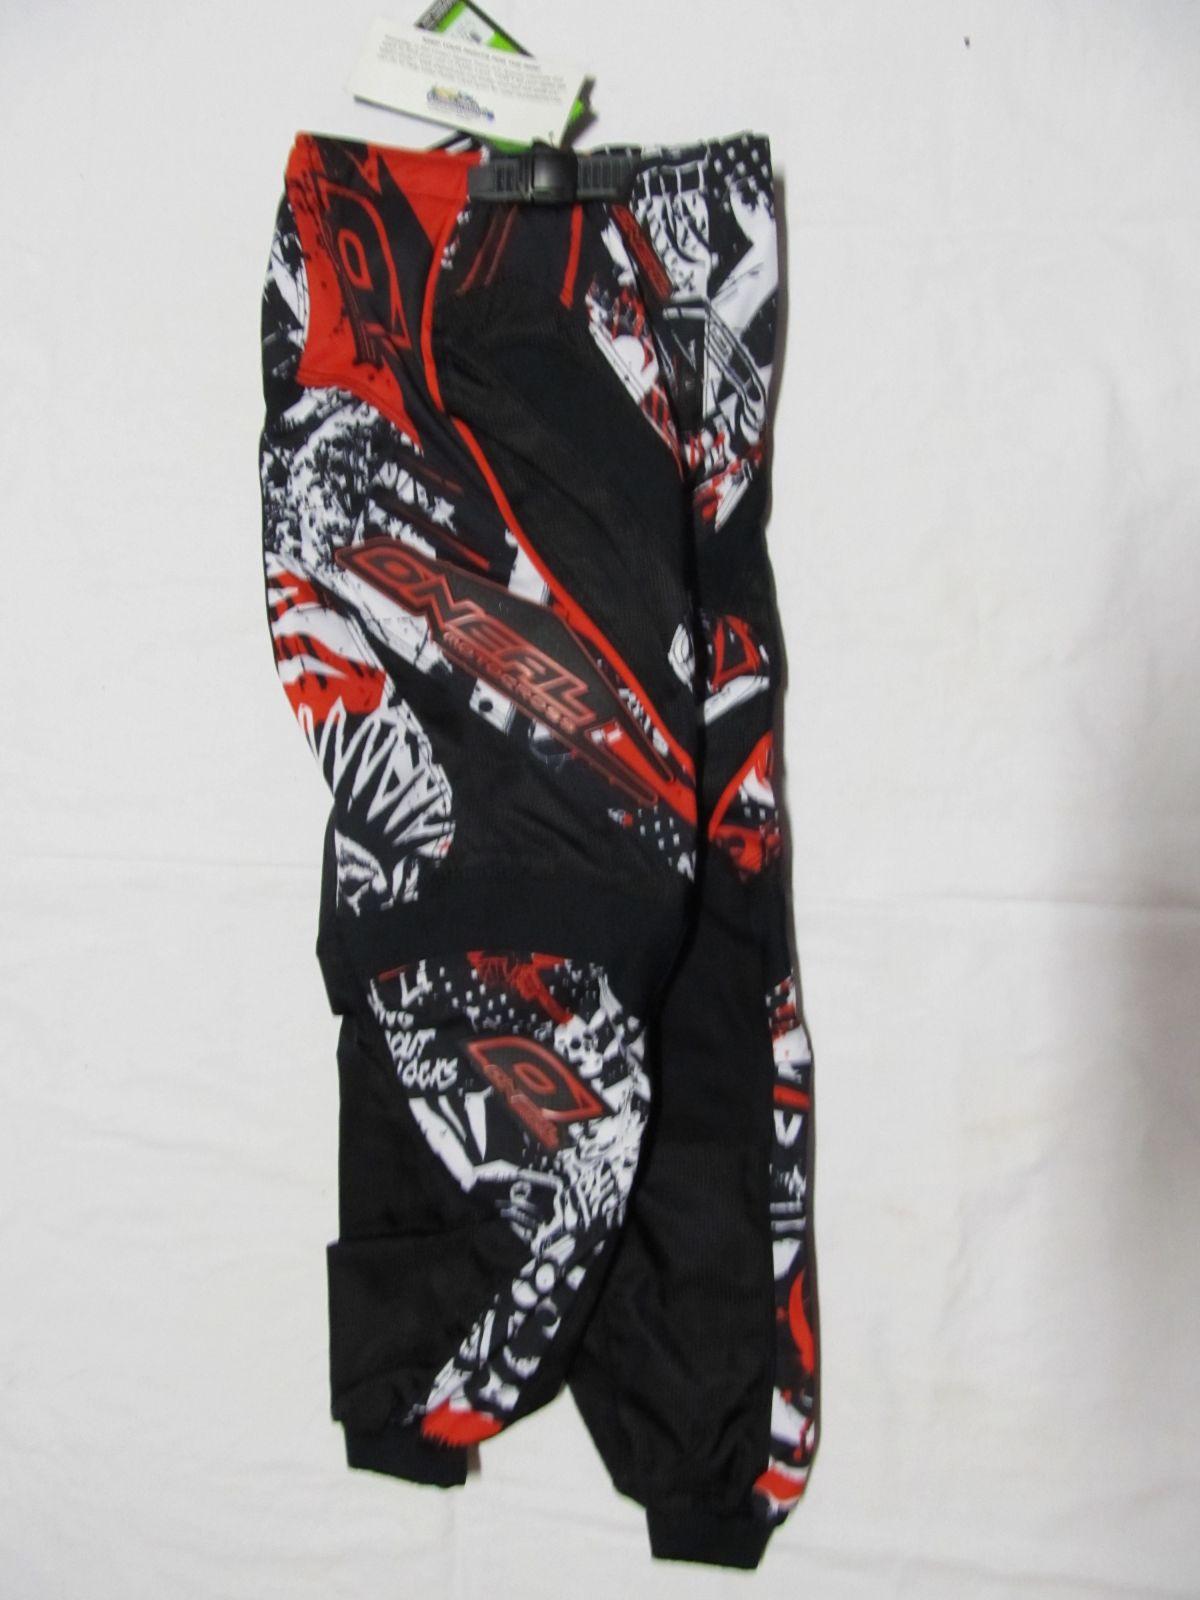 Kalhoty Element dětské 2011 red ONEAL